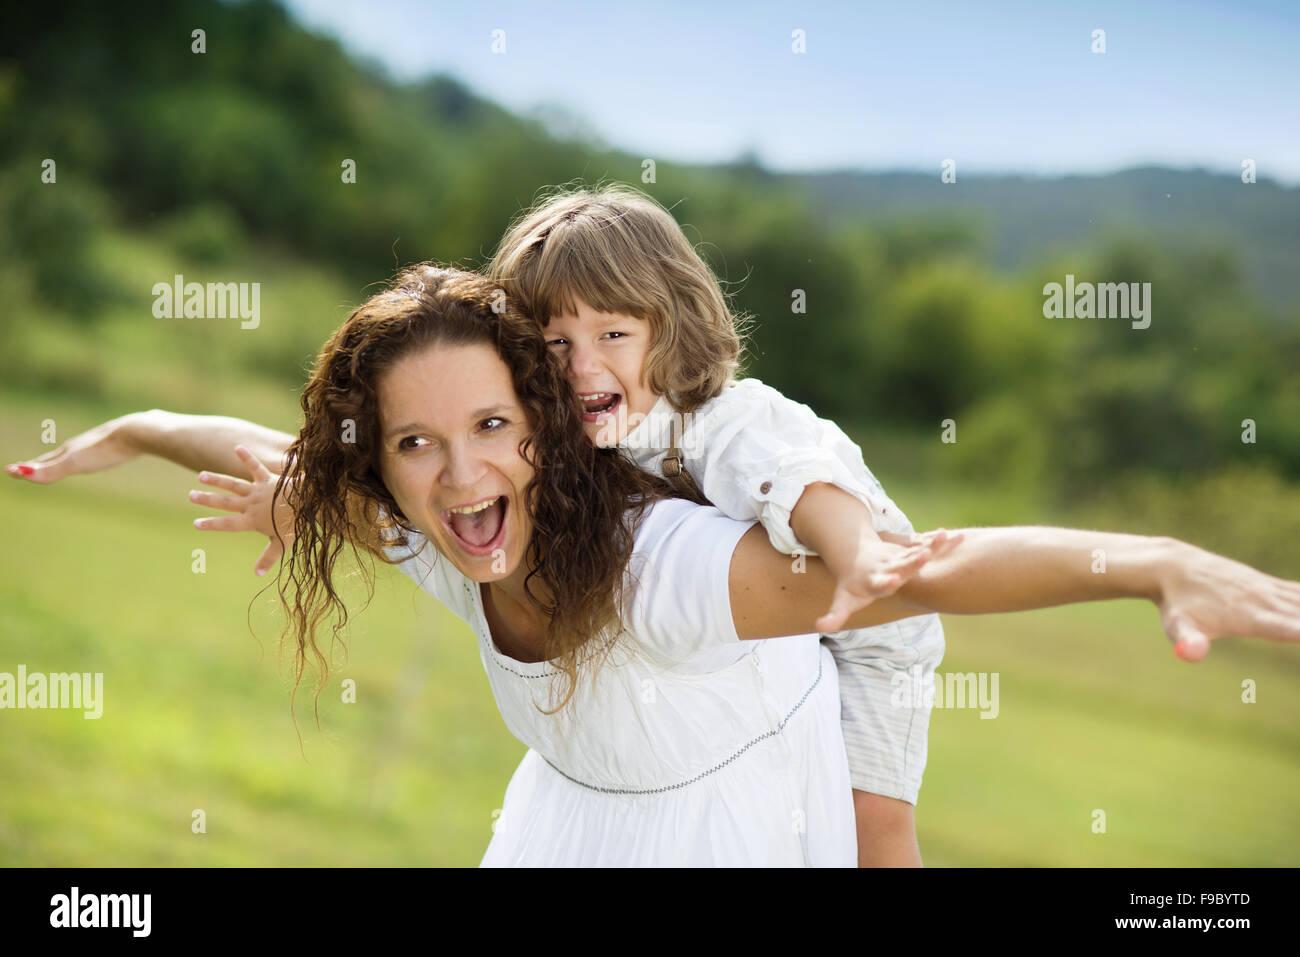 Mère et fils jouer jeux amusants ensemble Photo Stock